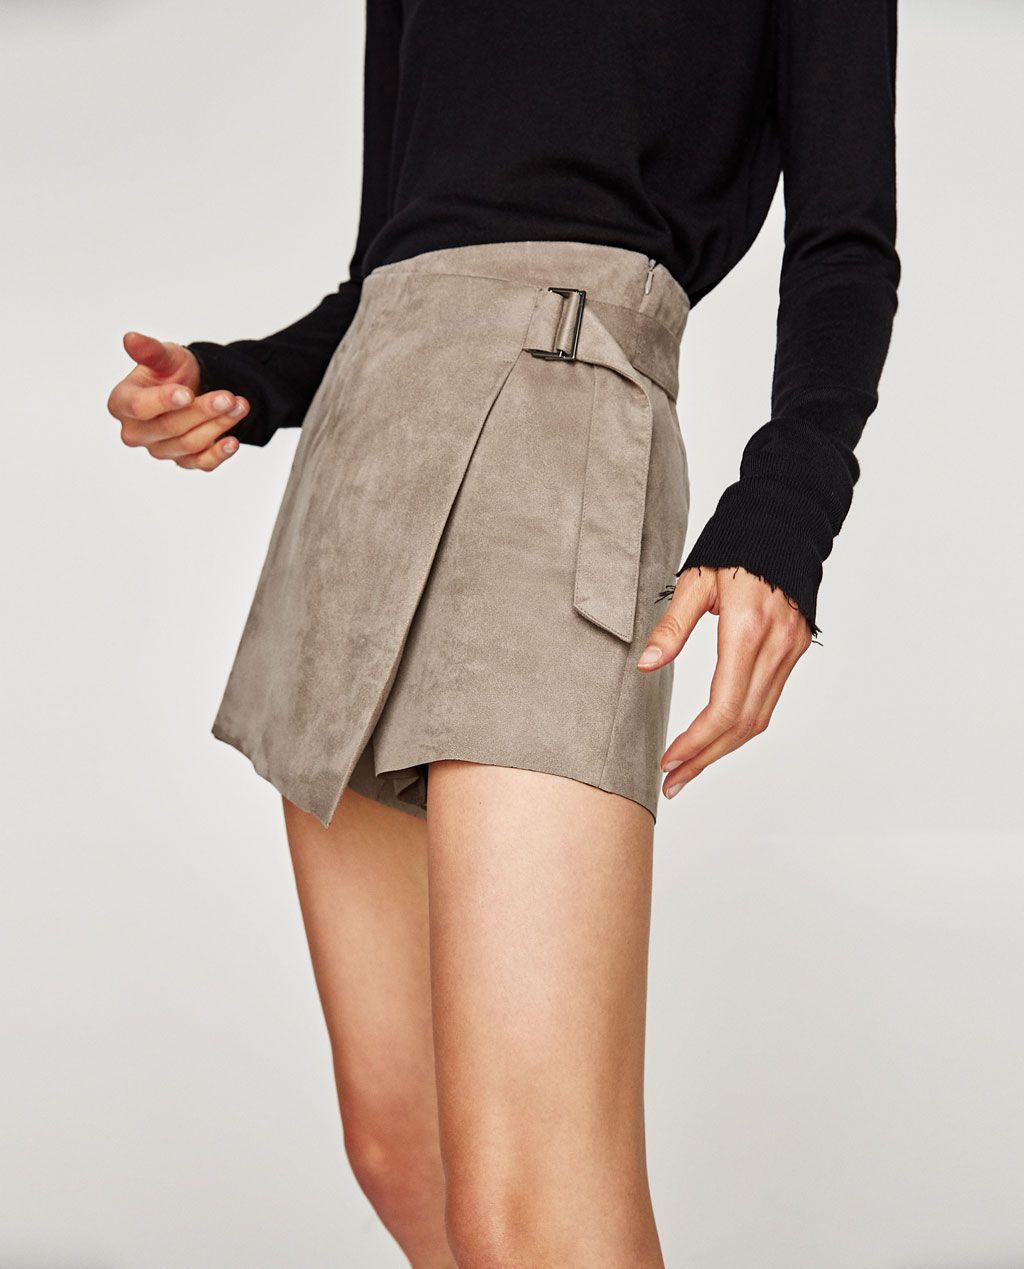 jupe short effet daim tout voir jupes femme zara france shopping pinterest jupe femme. Black Bedroom Furniture Sets. Home Design Ideas